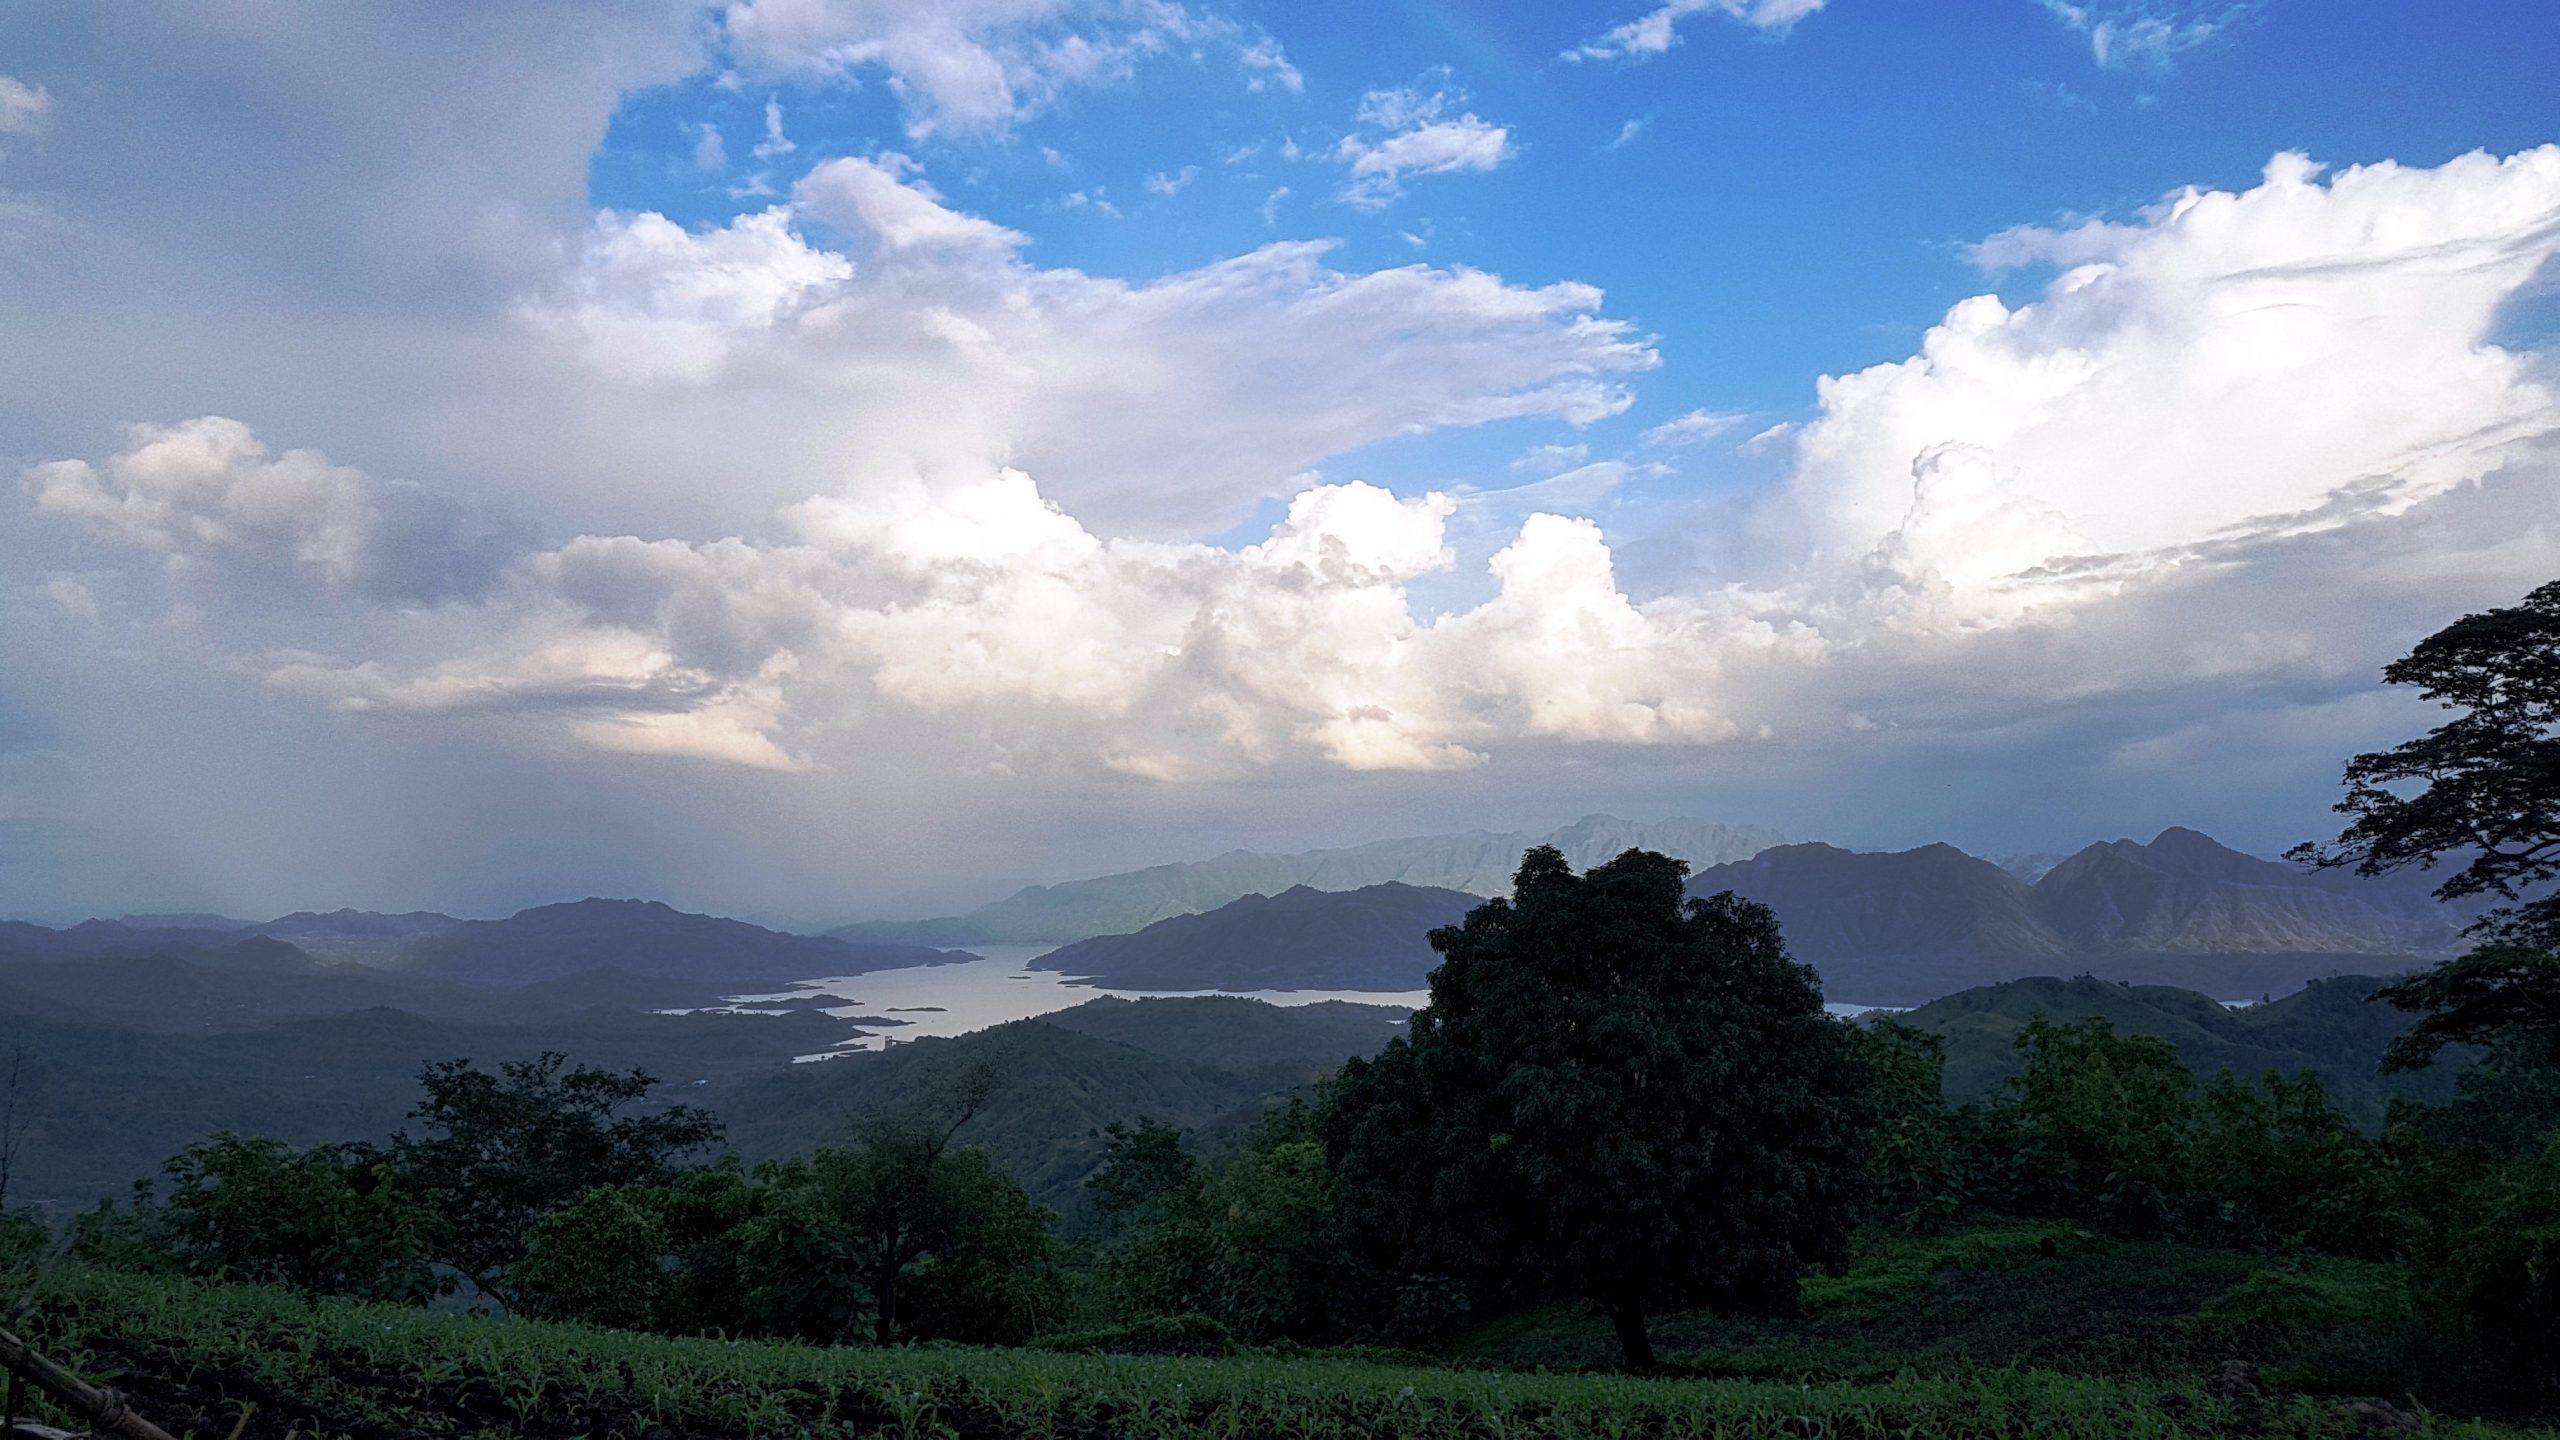 A mountain viewa